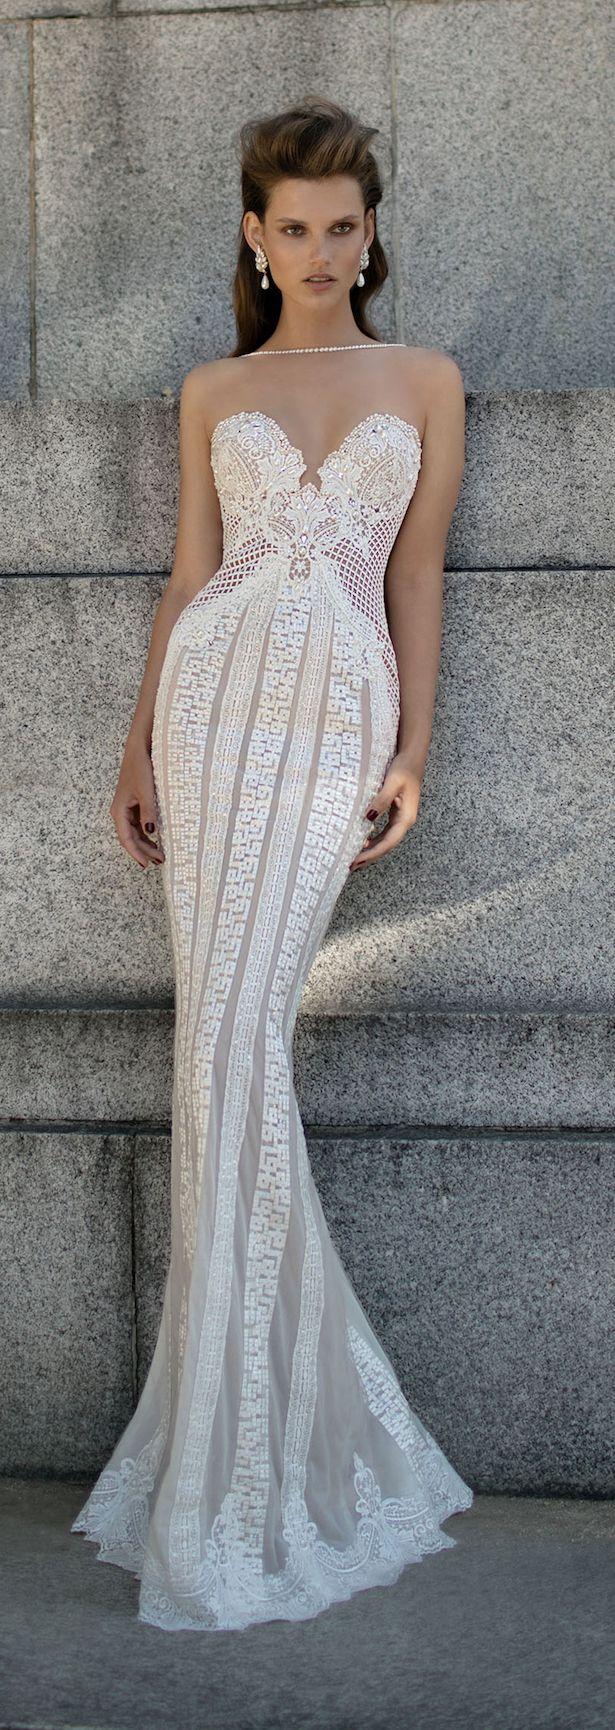 Vestido de novia de Berta Primavera 2016 Colección Nupcial